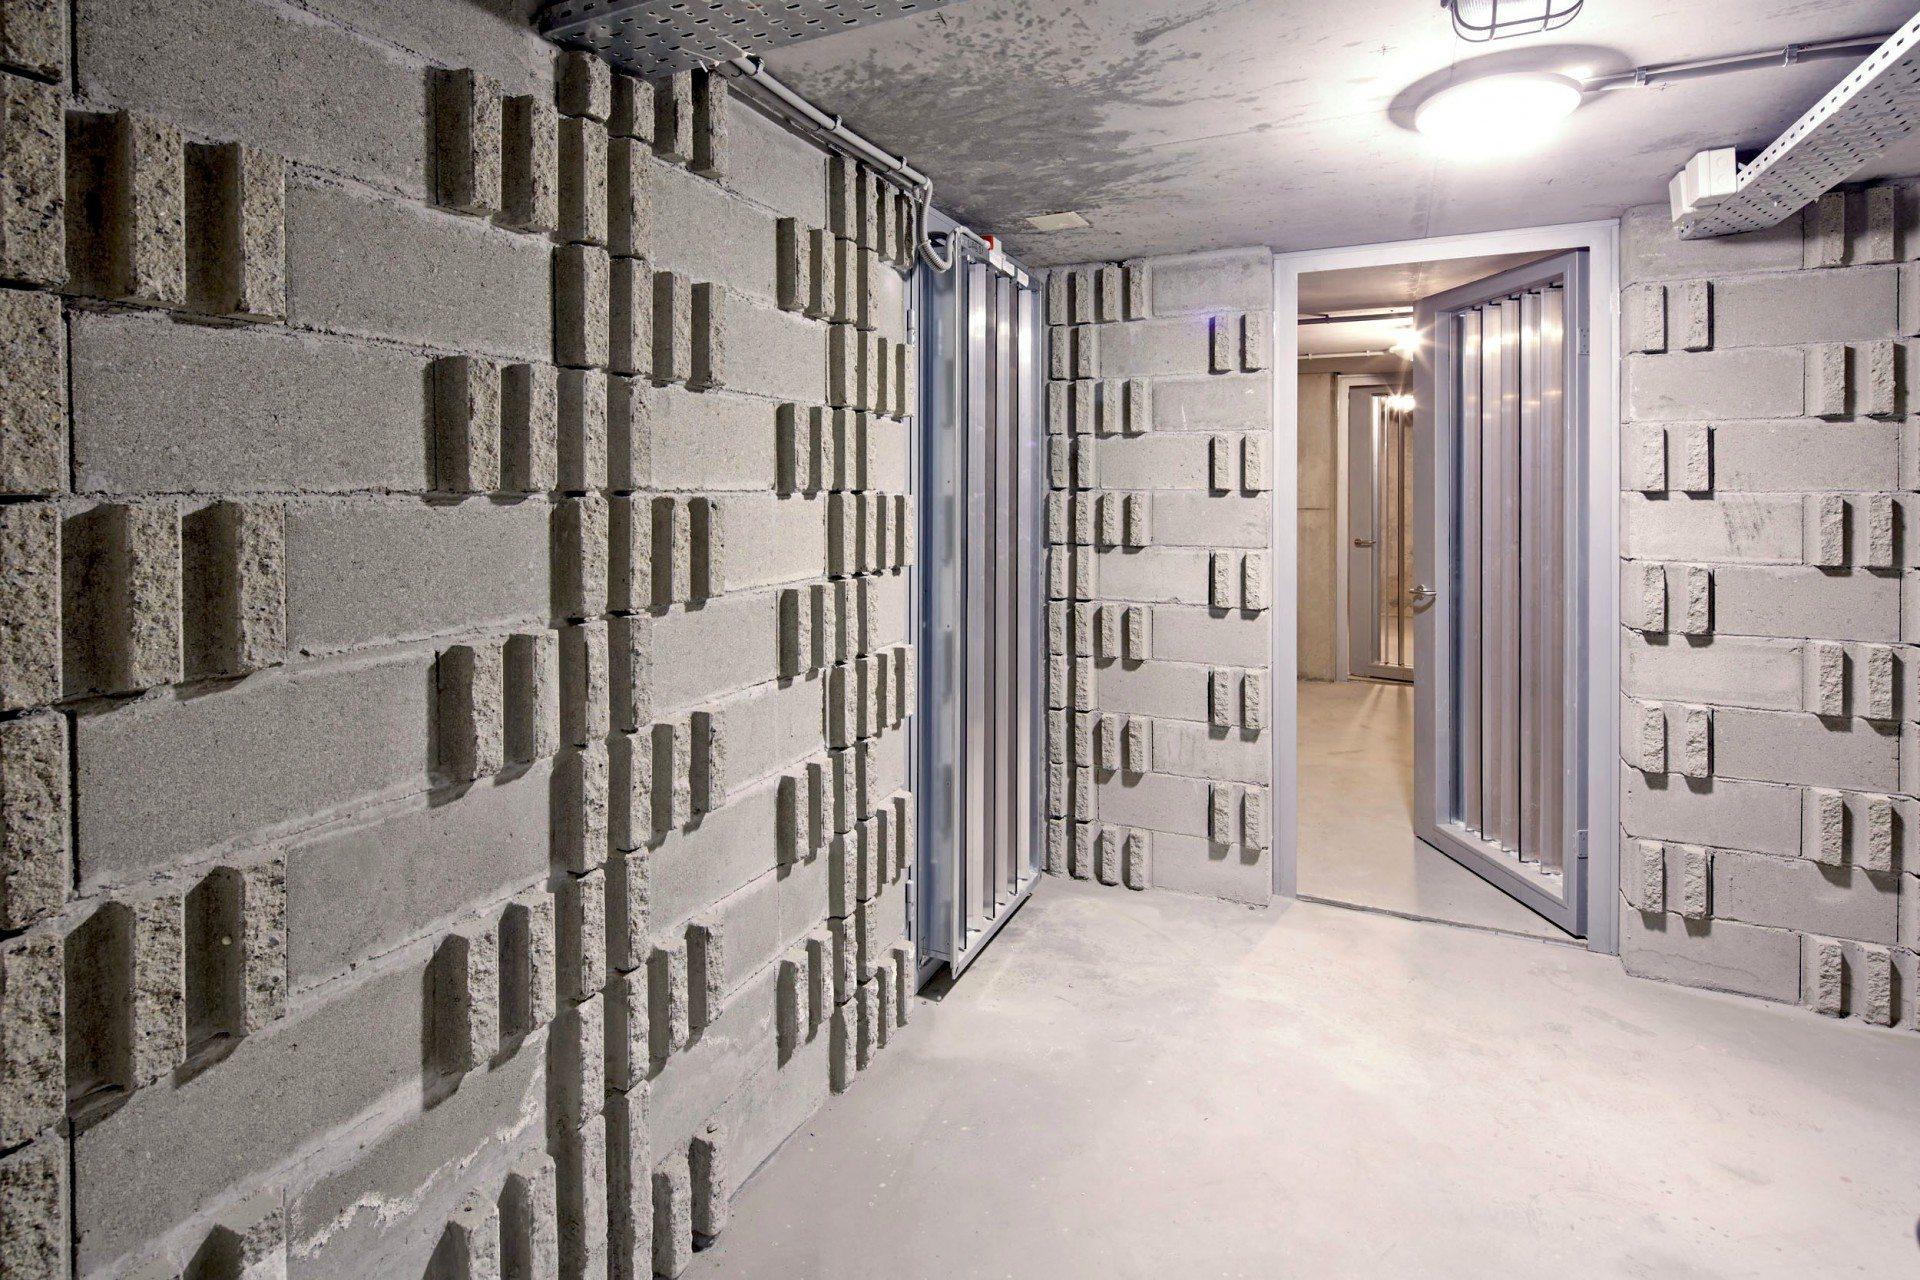 Luftspeicher.  Poröse Oberflächenstrukturen der Kellerwände erhöhen die Luftkapazität.